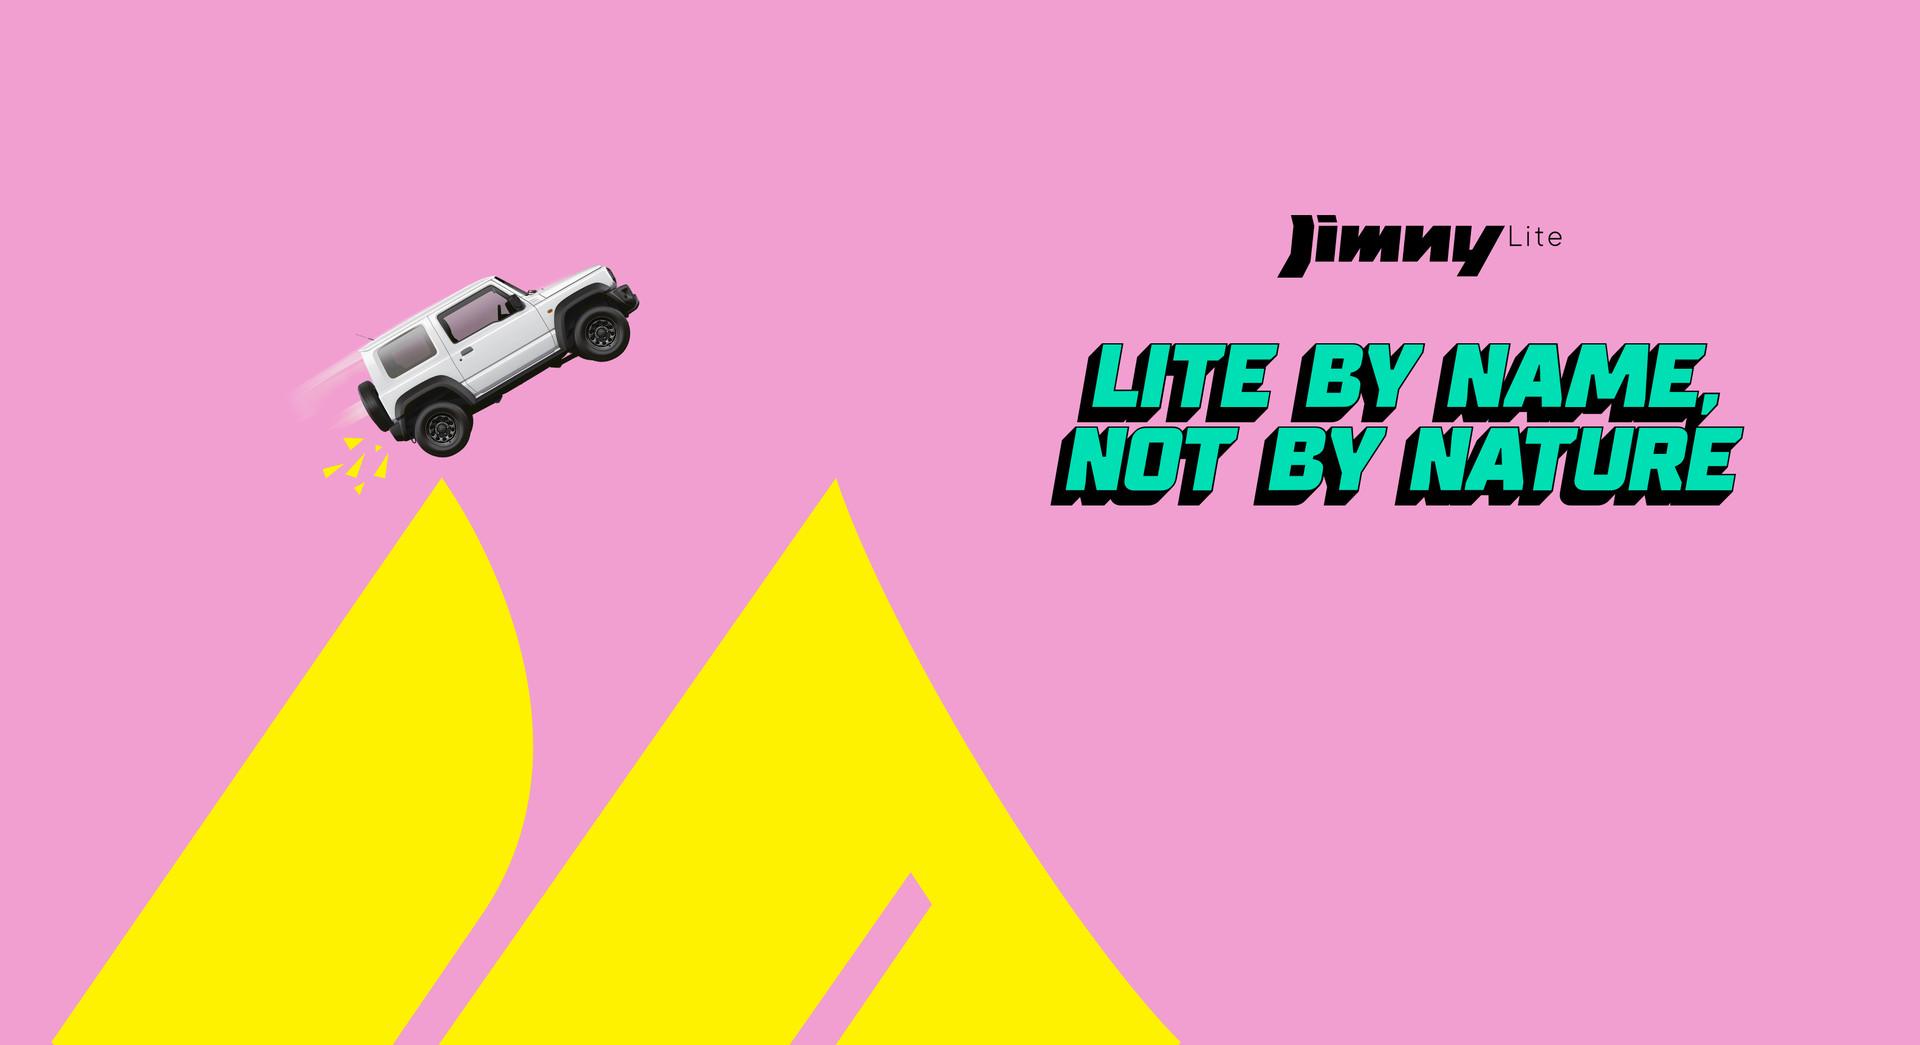 Jimny Lite